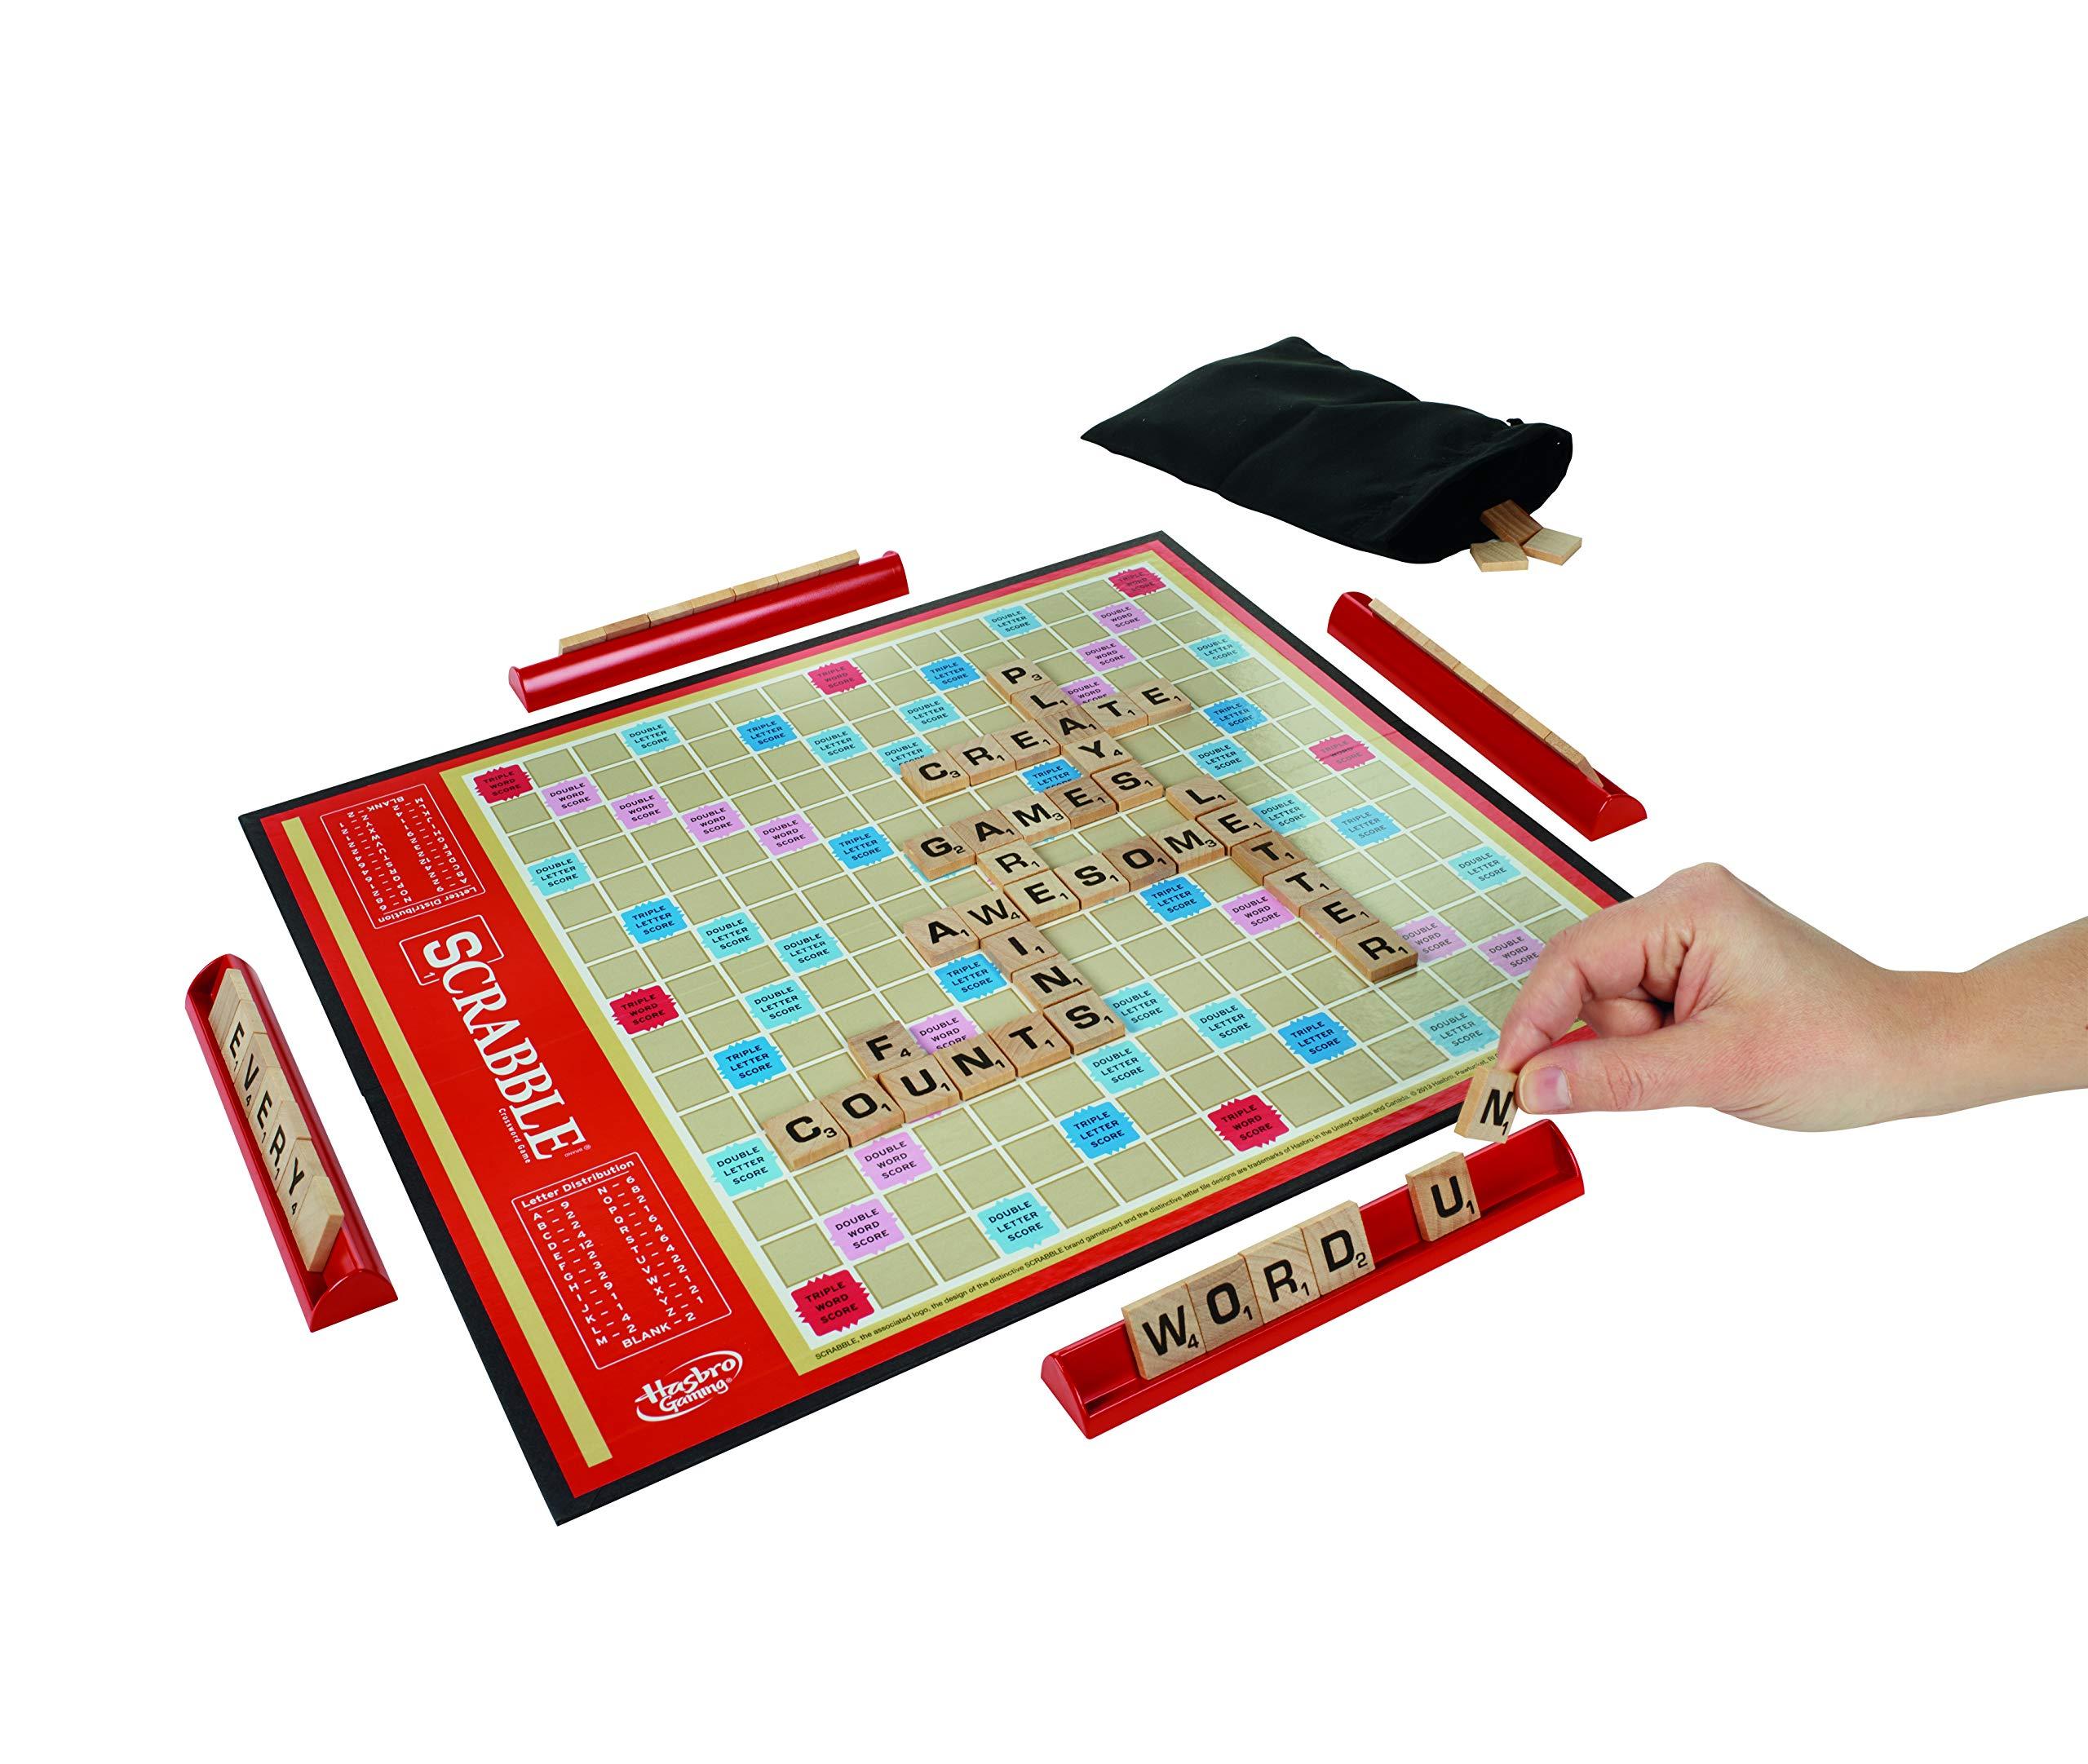 Scrabble Classic: Amazon.es: Hasbro: Libros en idiomas extranjeros